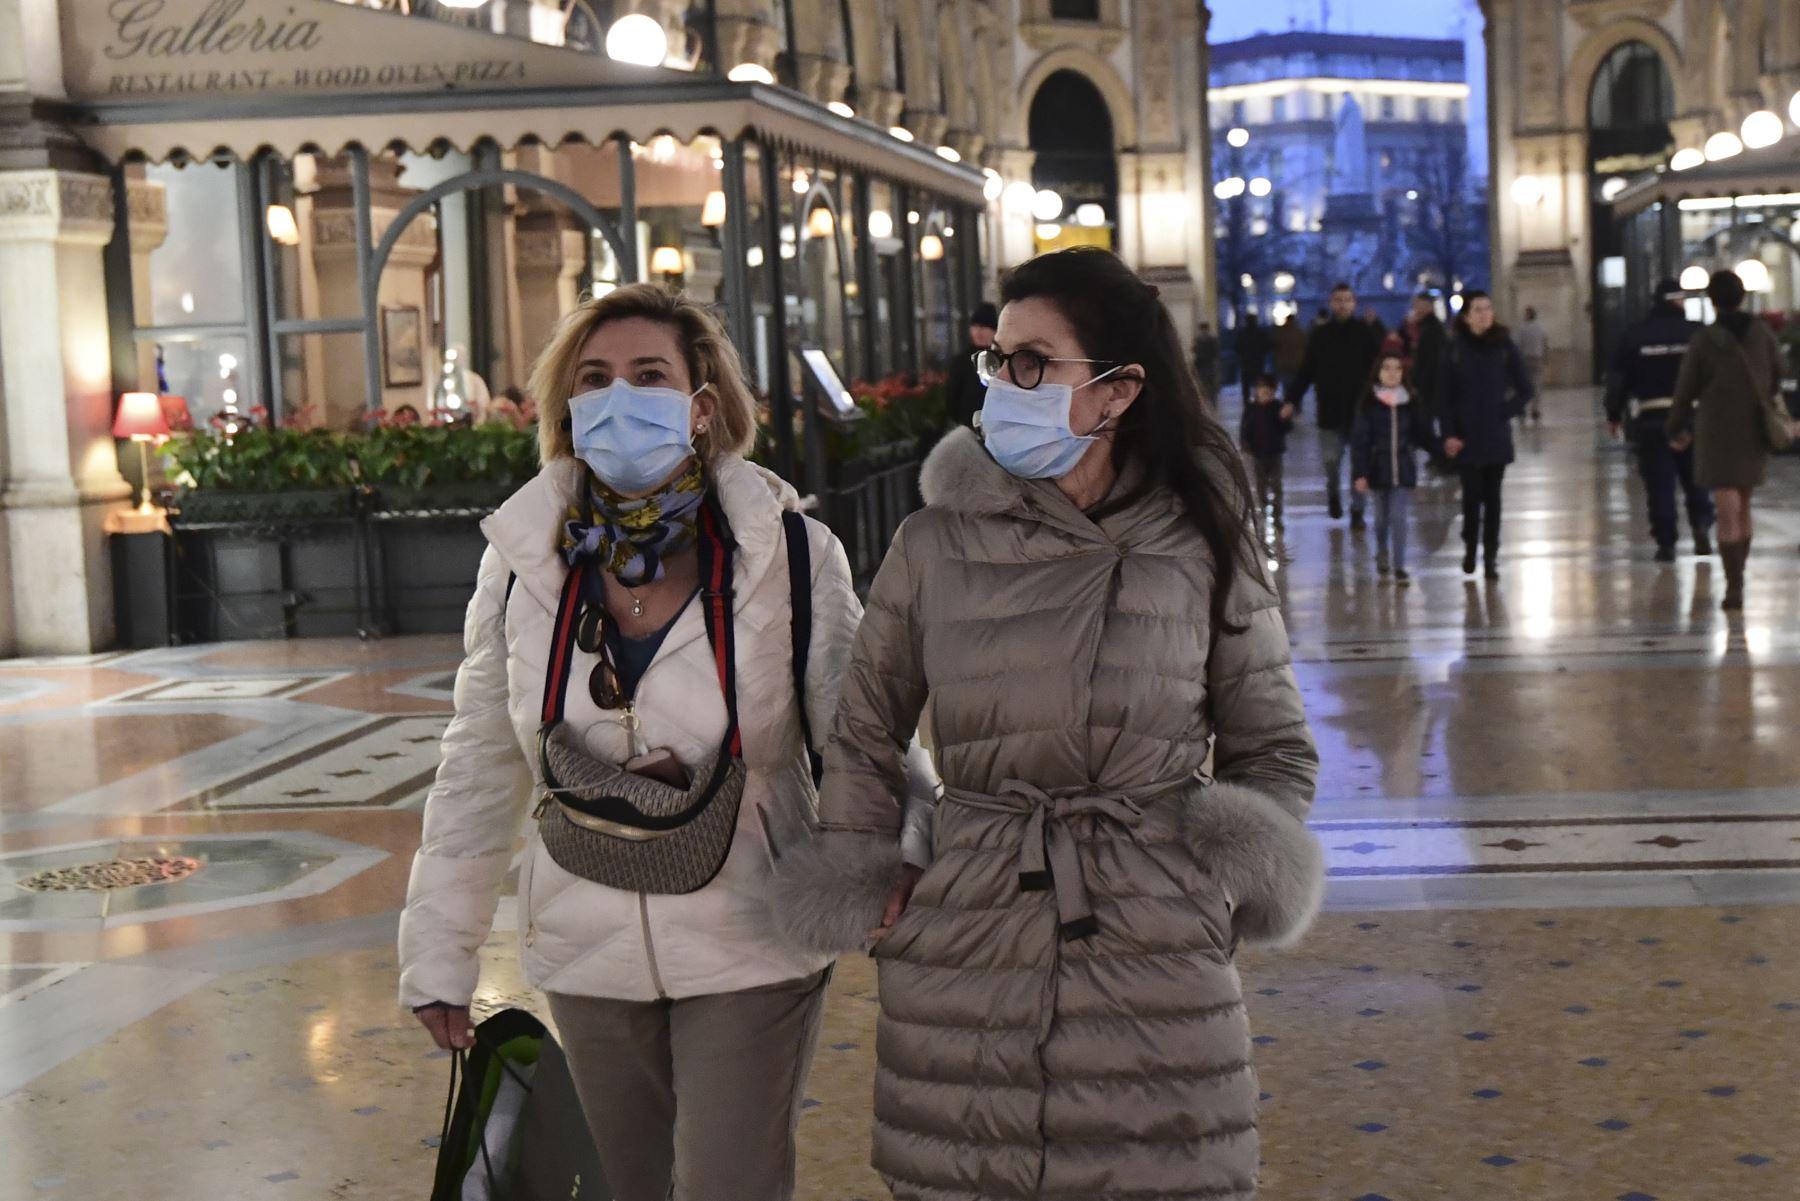 Las mujeres que llevan una máscara protectora visitan la Galería Vittorio Emanuele II, cerca de la Piazza del Duomo en el centro de Milán,  luego de tomar medidas de seguridad en el norte de Italia contra el COVID-19. AFP